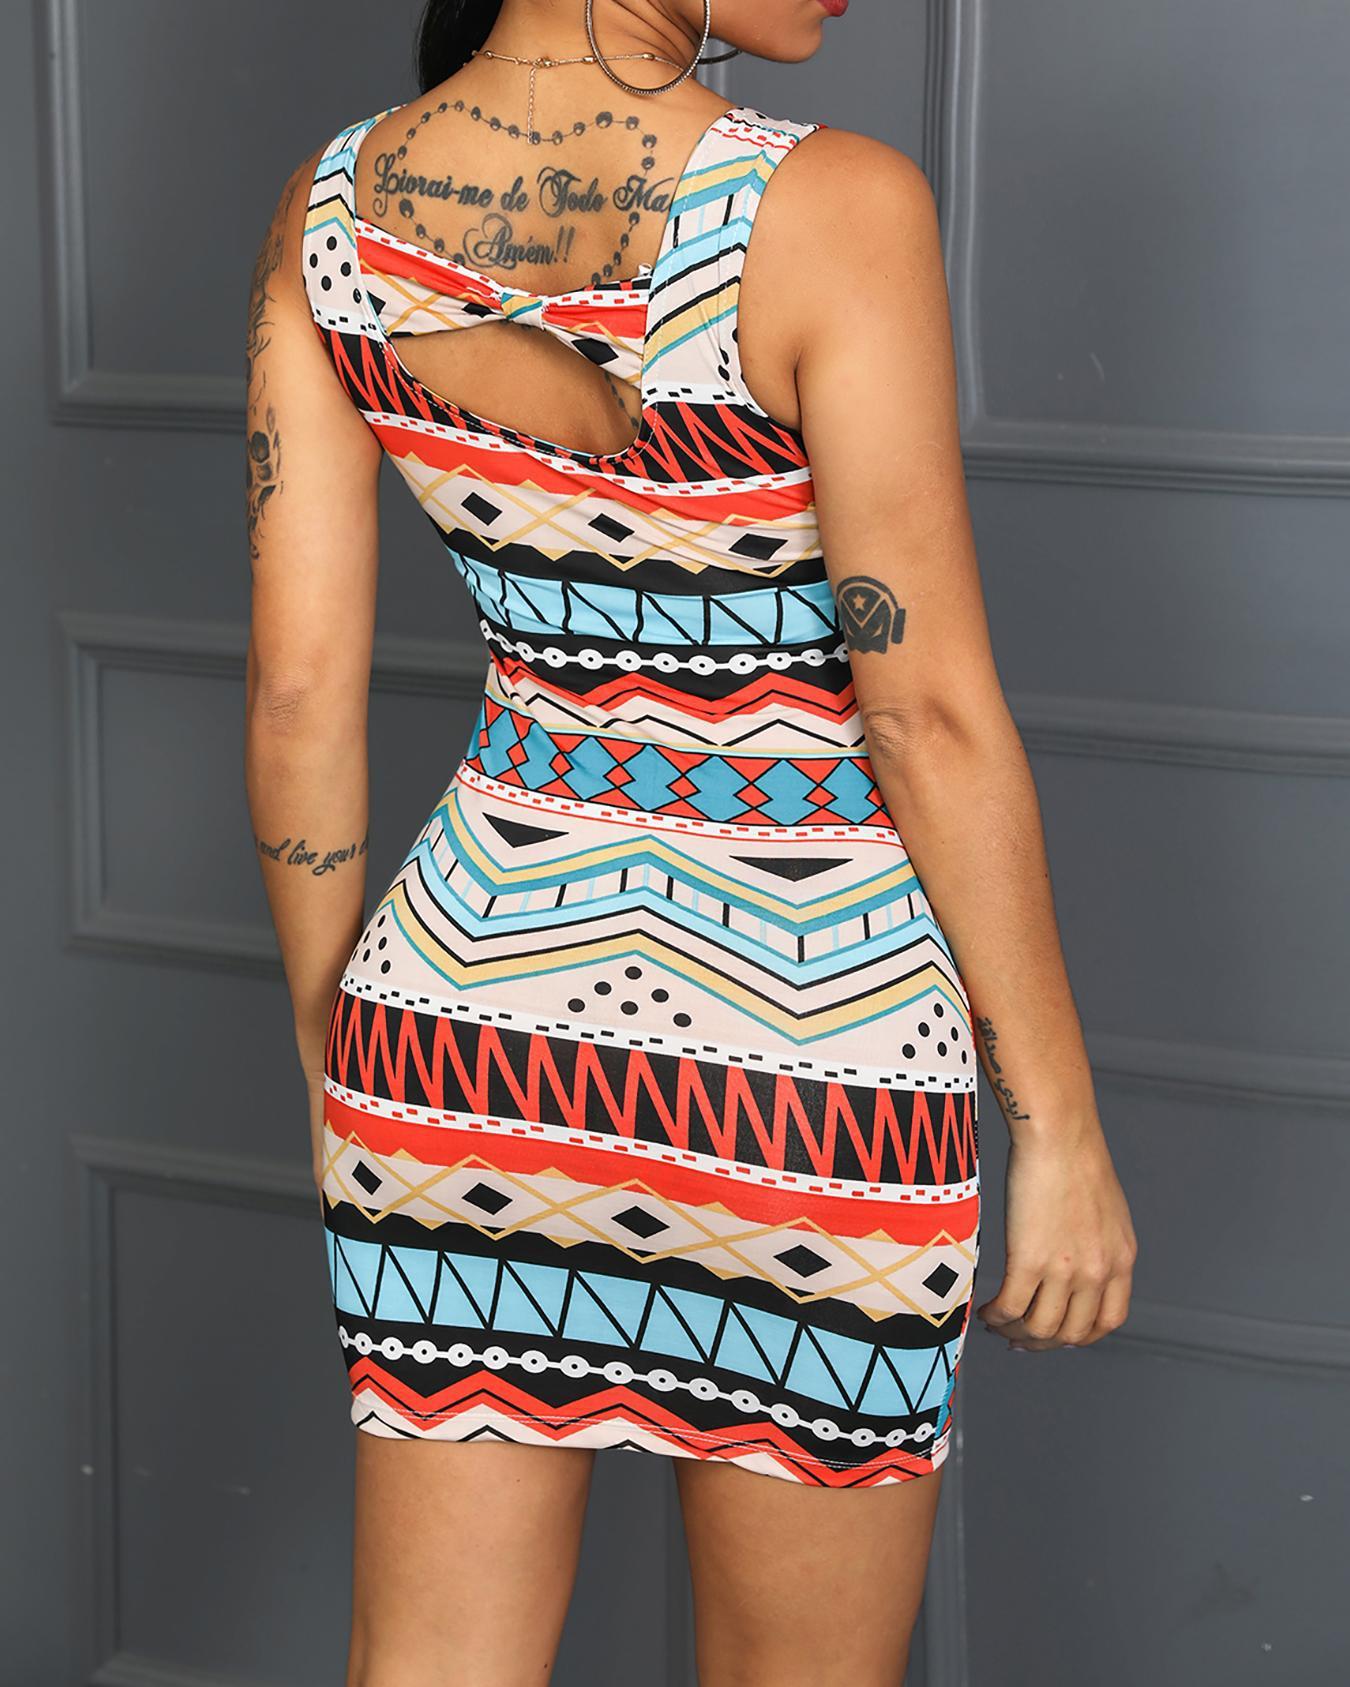 ivrose / Vestido ajustado con estampado de bowknot y detalles coloridos